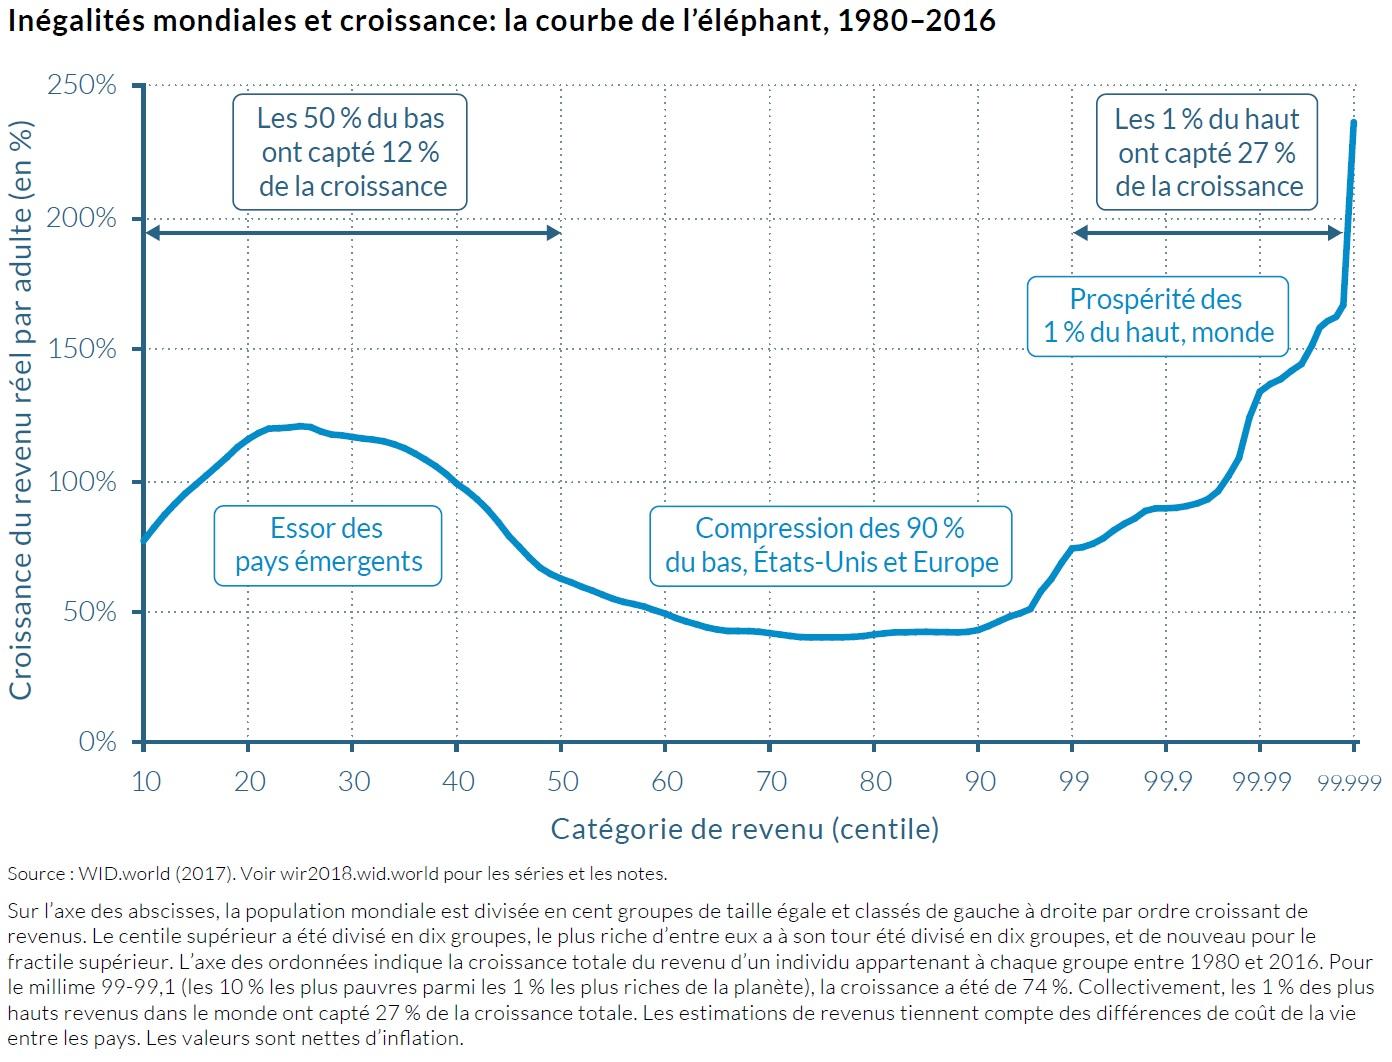 Graphique : Croissance du revenu réel par adulte (1980-2016) en fonction de la catégorie de revenu (centile)